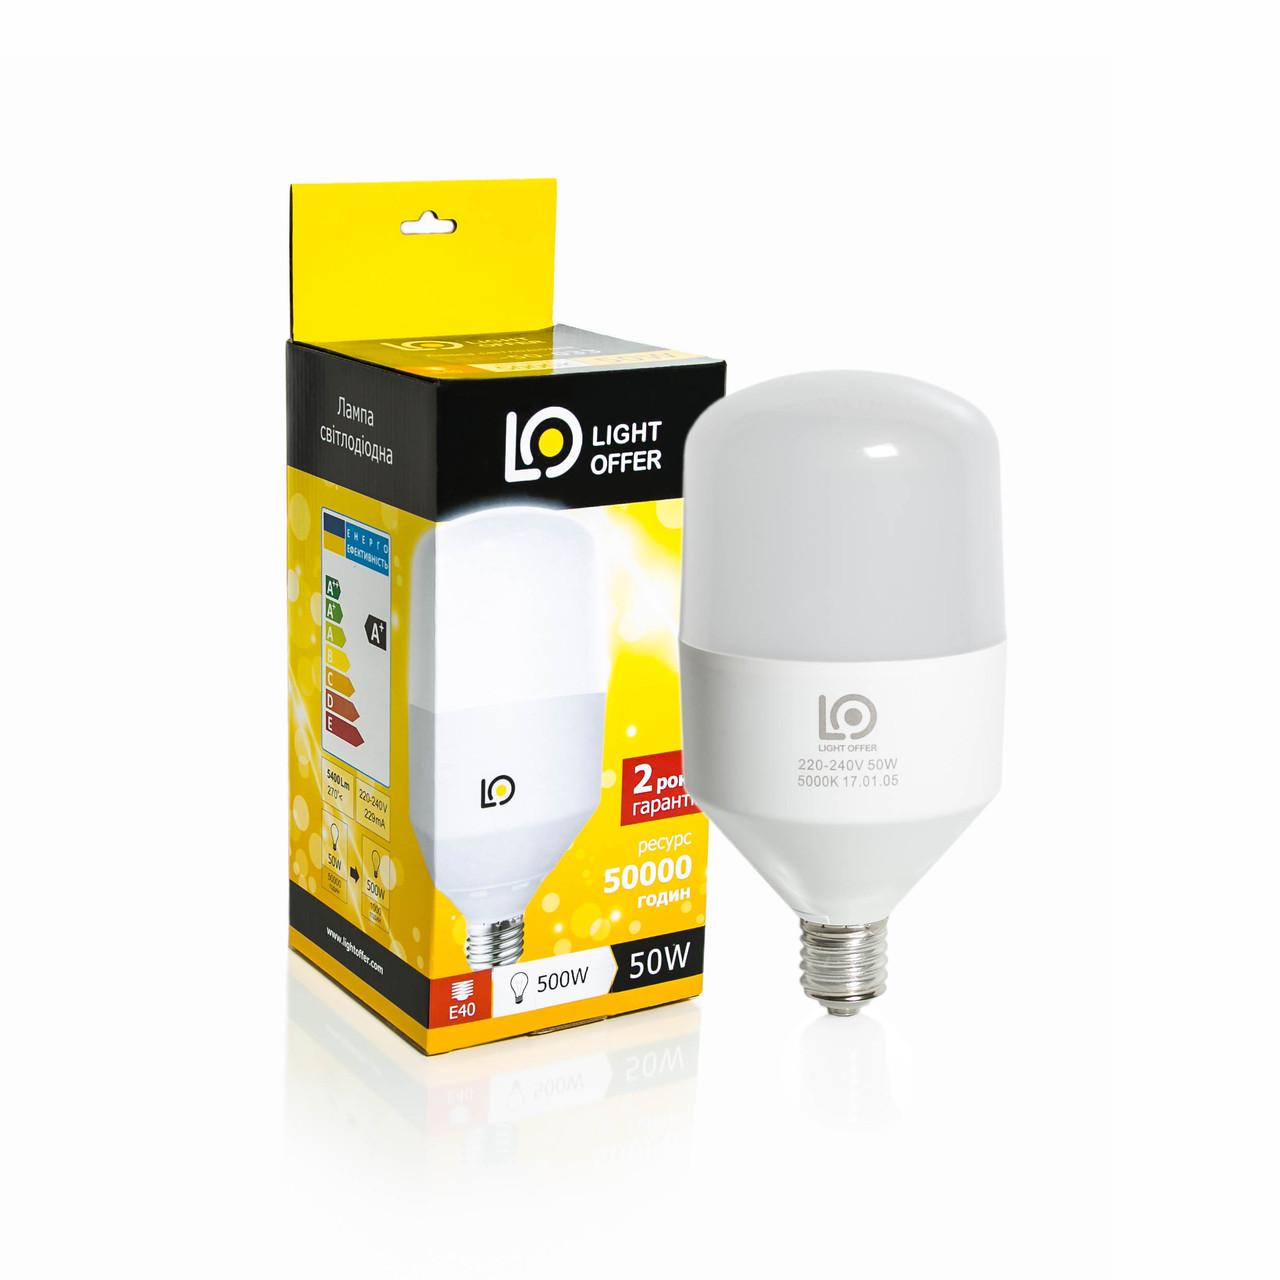 Светодиодная лампа LightOffer H135 50W E40 5000K 5400Lm